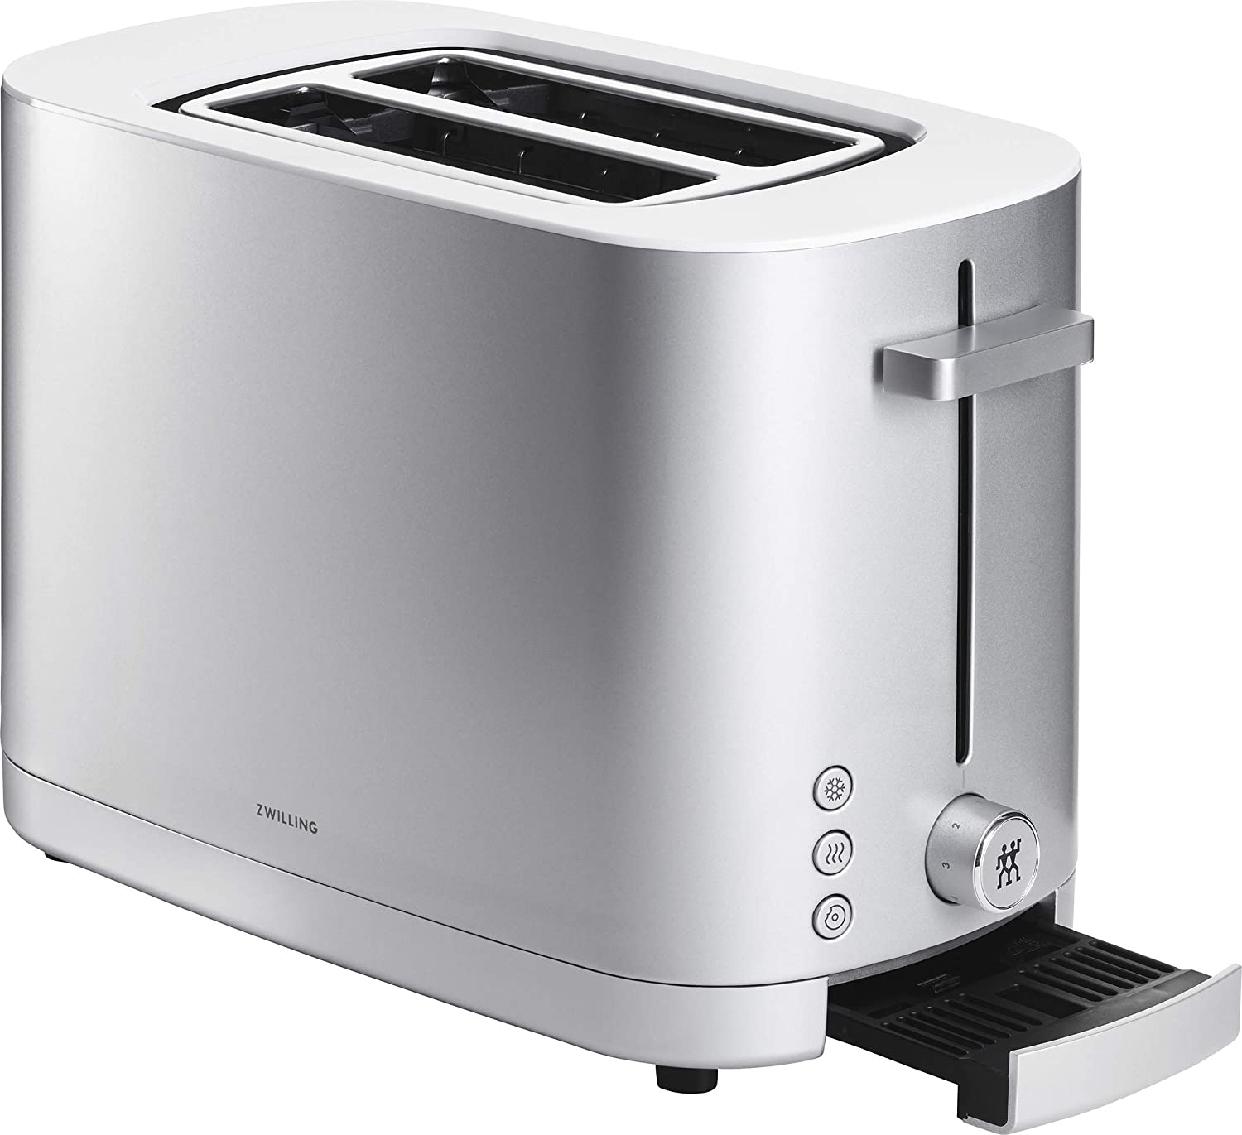 ZWILLING(ツヴィリング) エンフィニジー ポップアップ トースター メタリックシルバー 53101-900-0の商品画像3